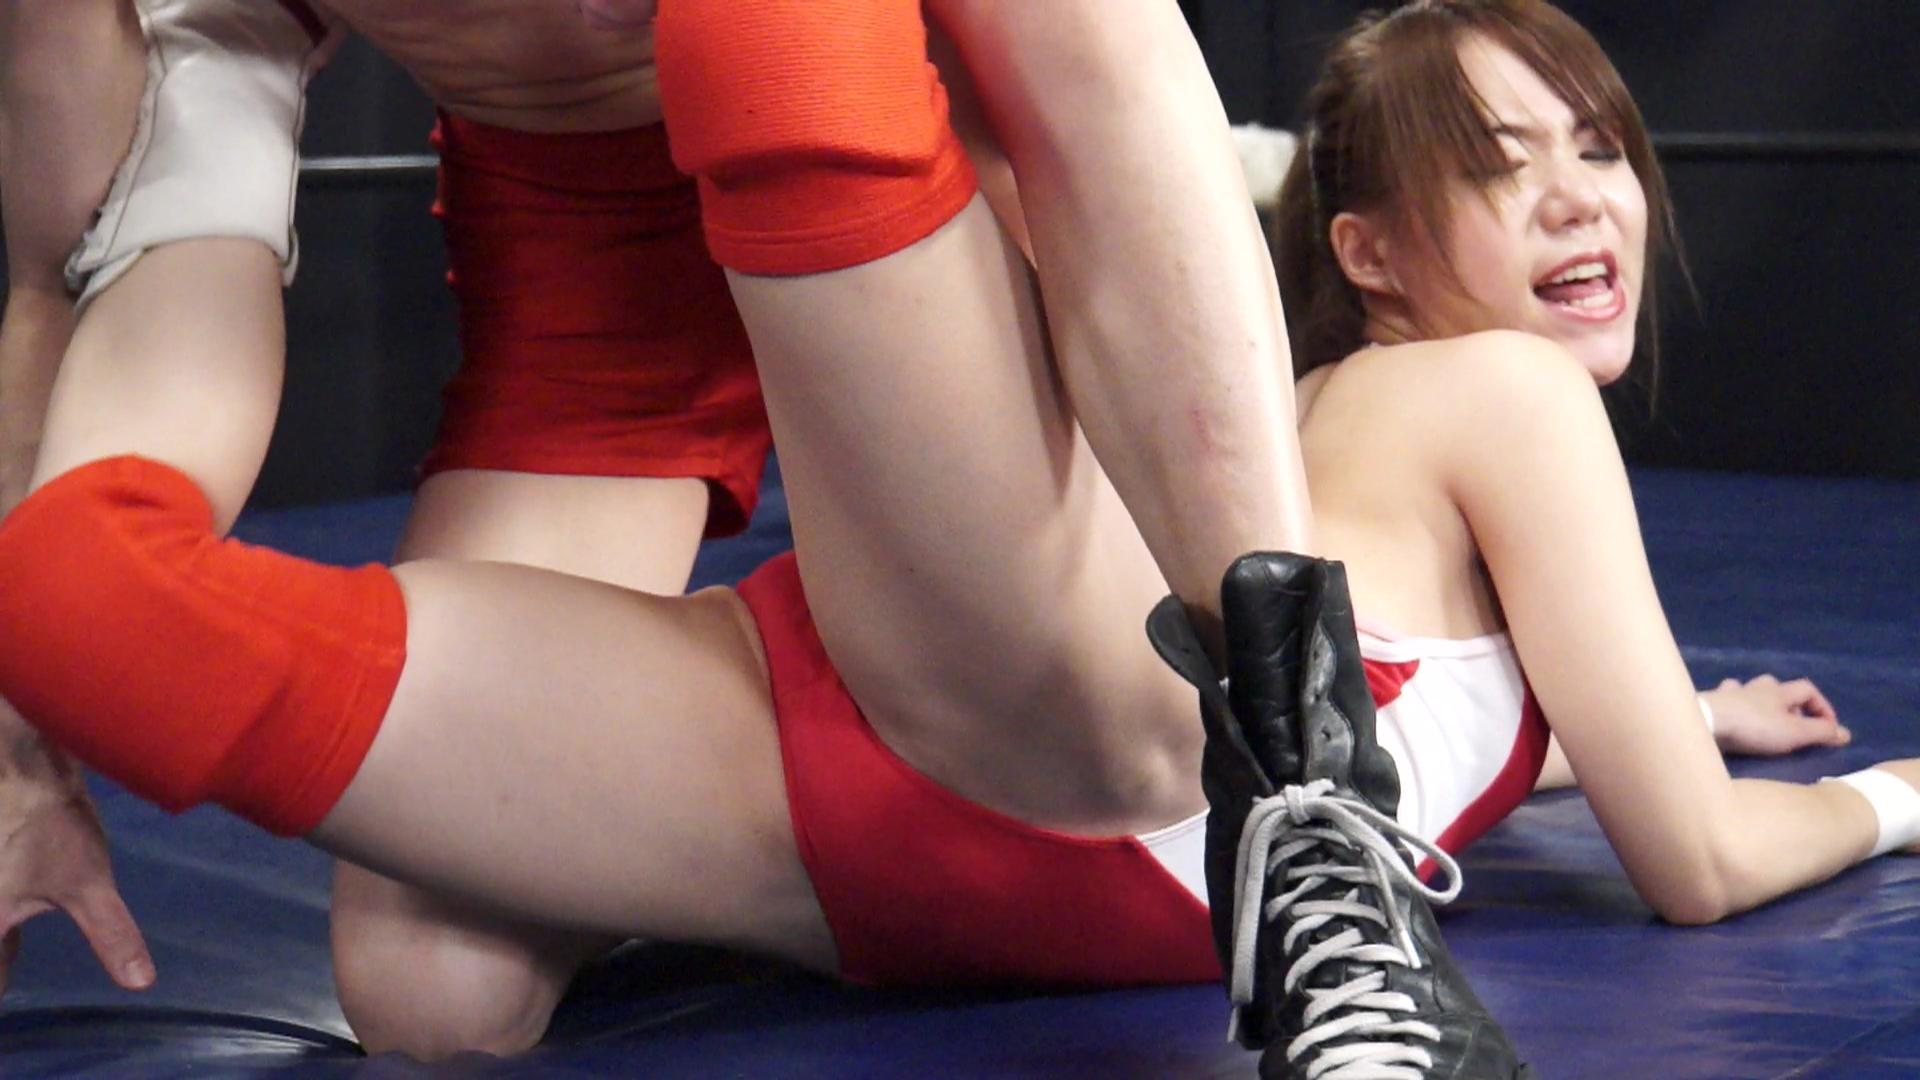 秘密の男女混合試合 女子レスラー完全敗北 vol.1 サンプル画像03